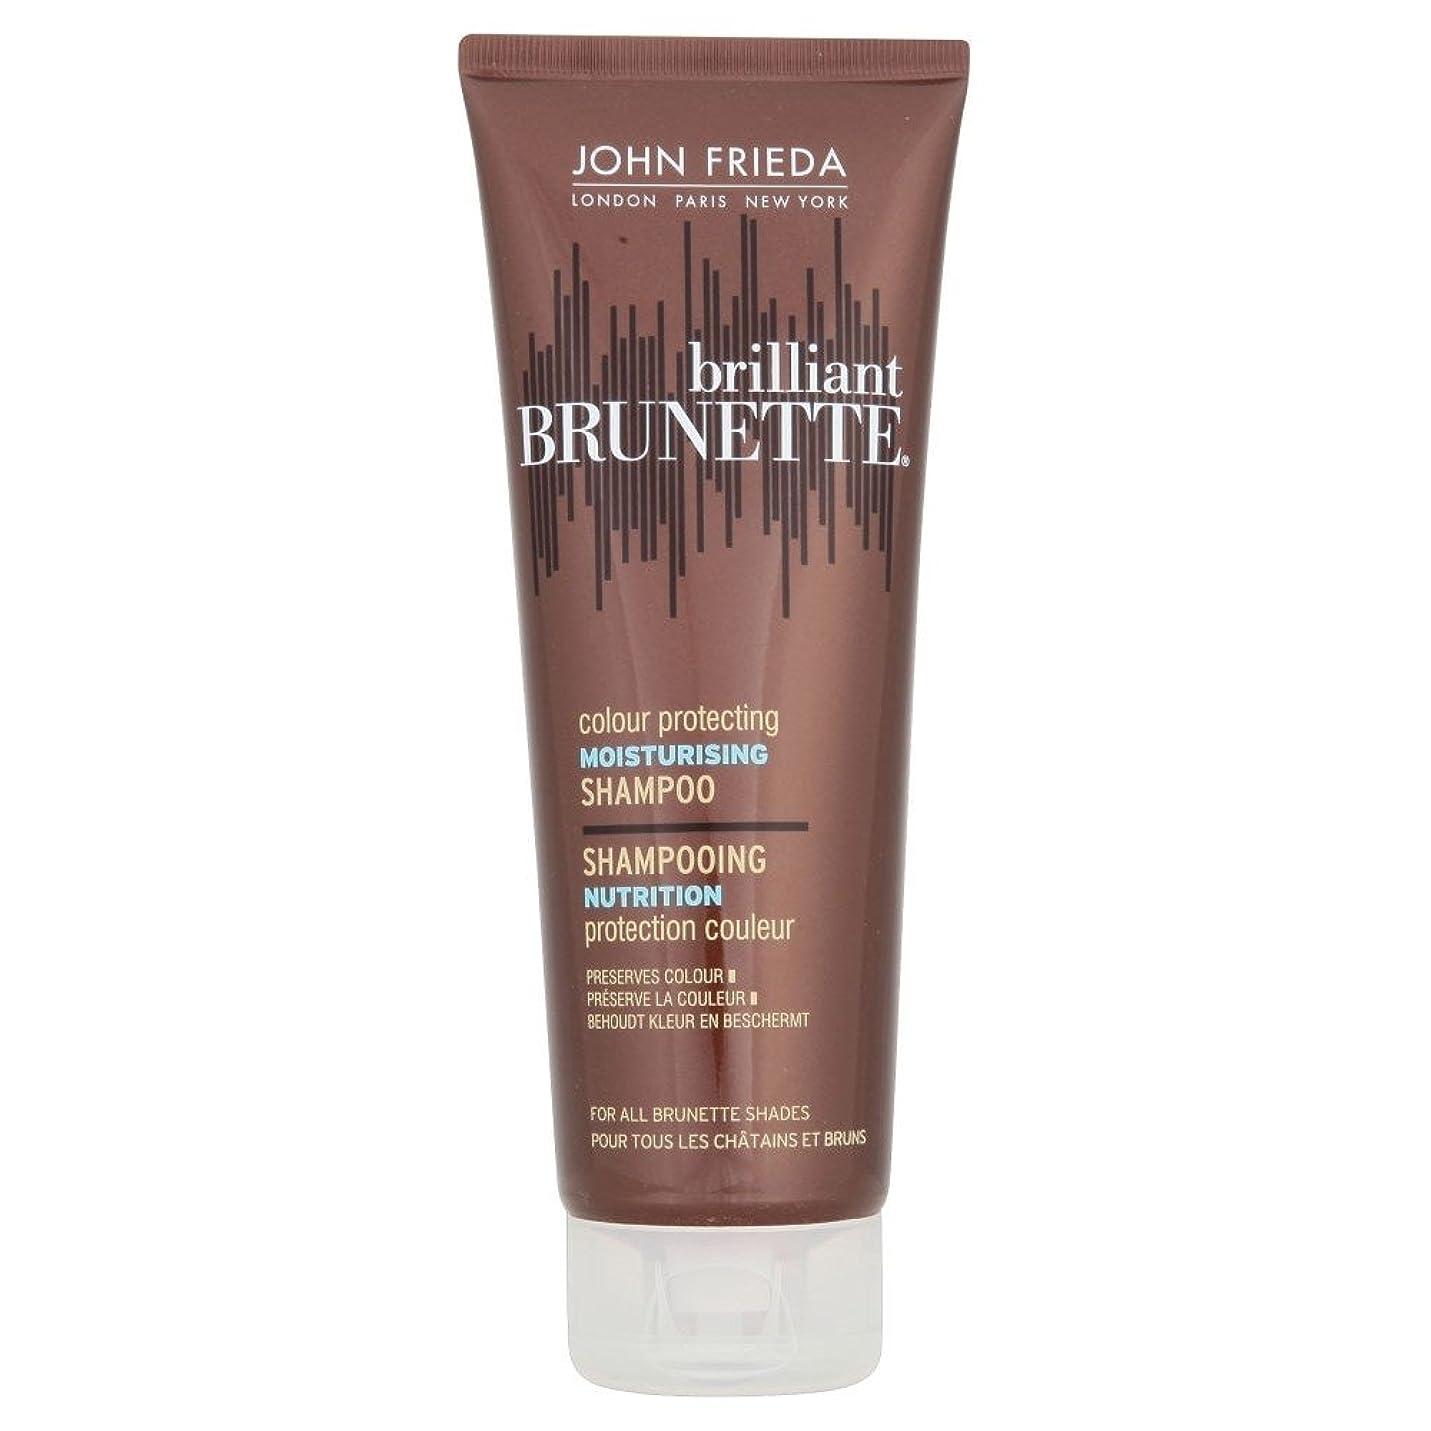 承認する前兆の間にJohn Frieda Brilliant Brunette Moisturising Shampoo - for All Brunettes (250ml) ジョン?フリーダ鮮やかなブルネットの保湿シャンプー - すべての黒髪用( 250ミリリットル) [並行輸入品]